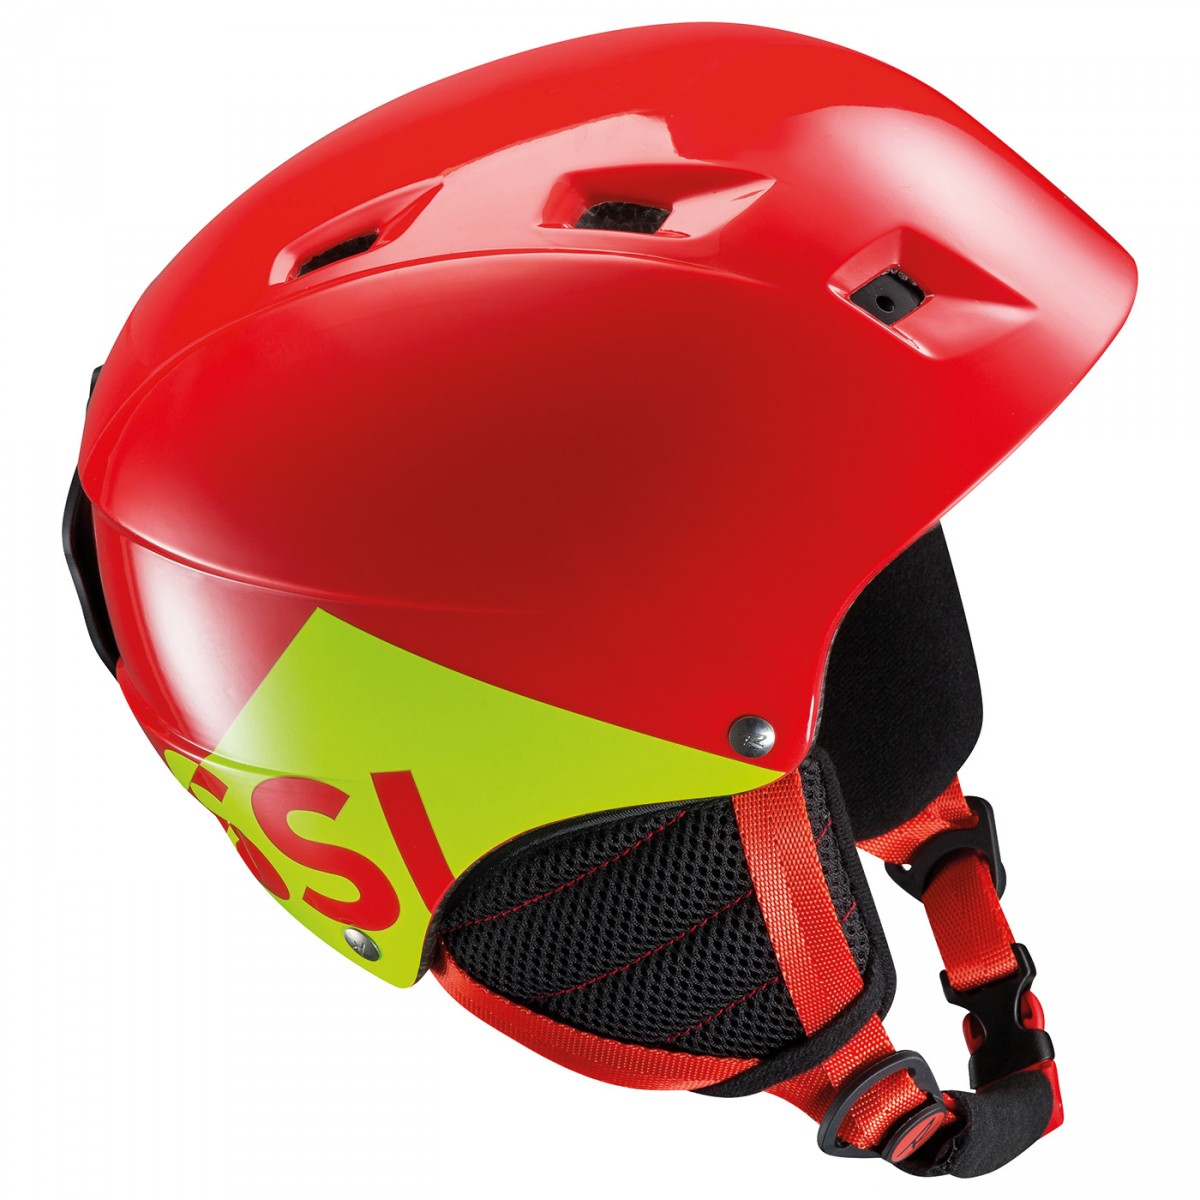 Casco sci Rossignol Comp J (Colore: rosso, Taglia: 49/52)